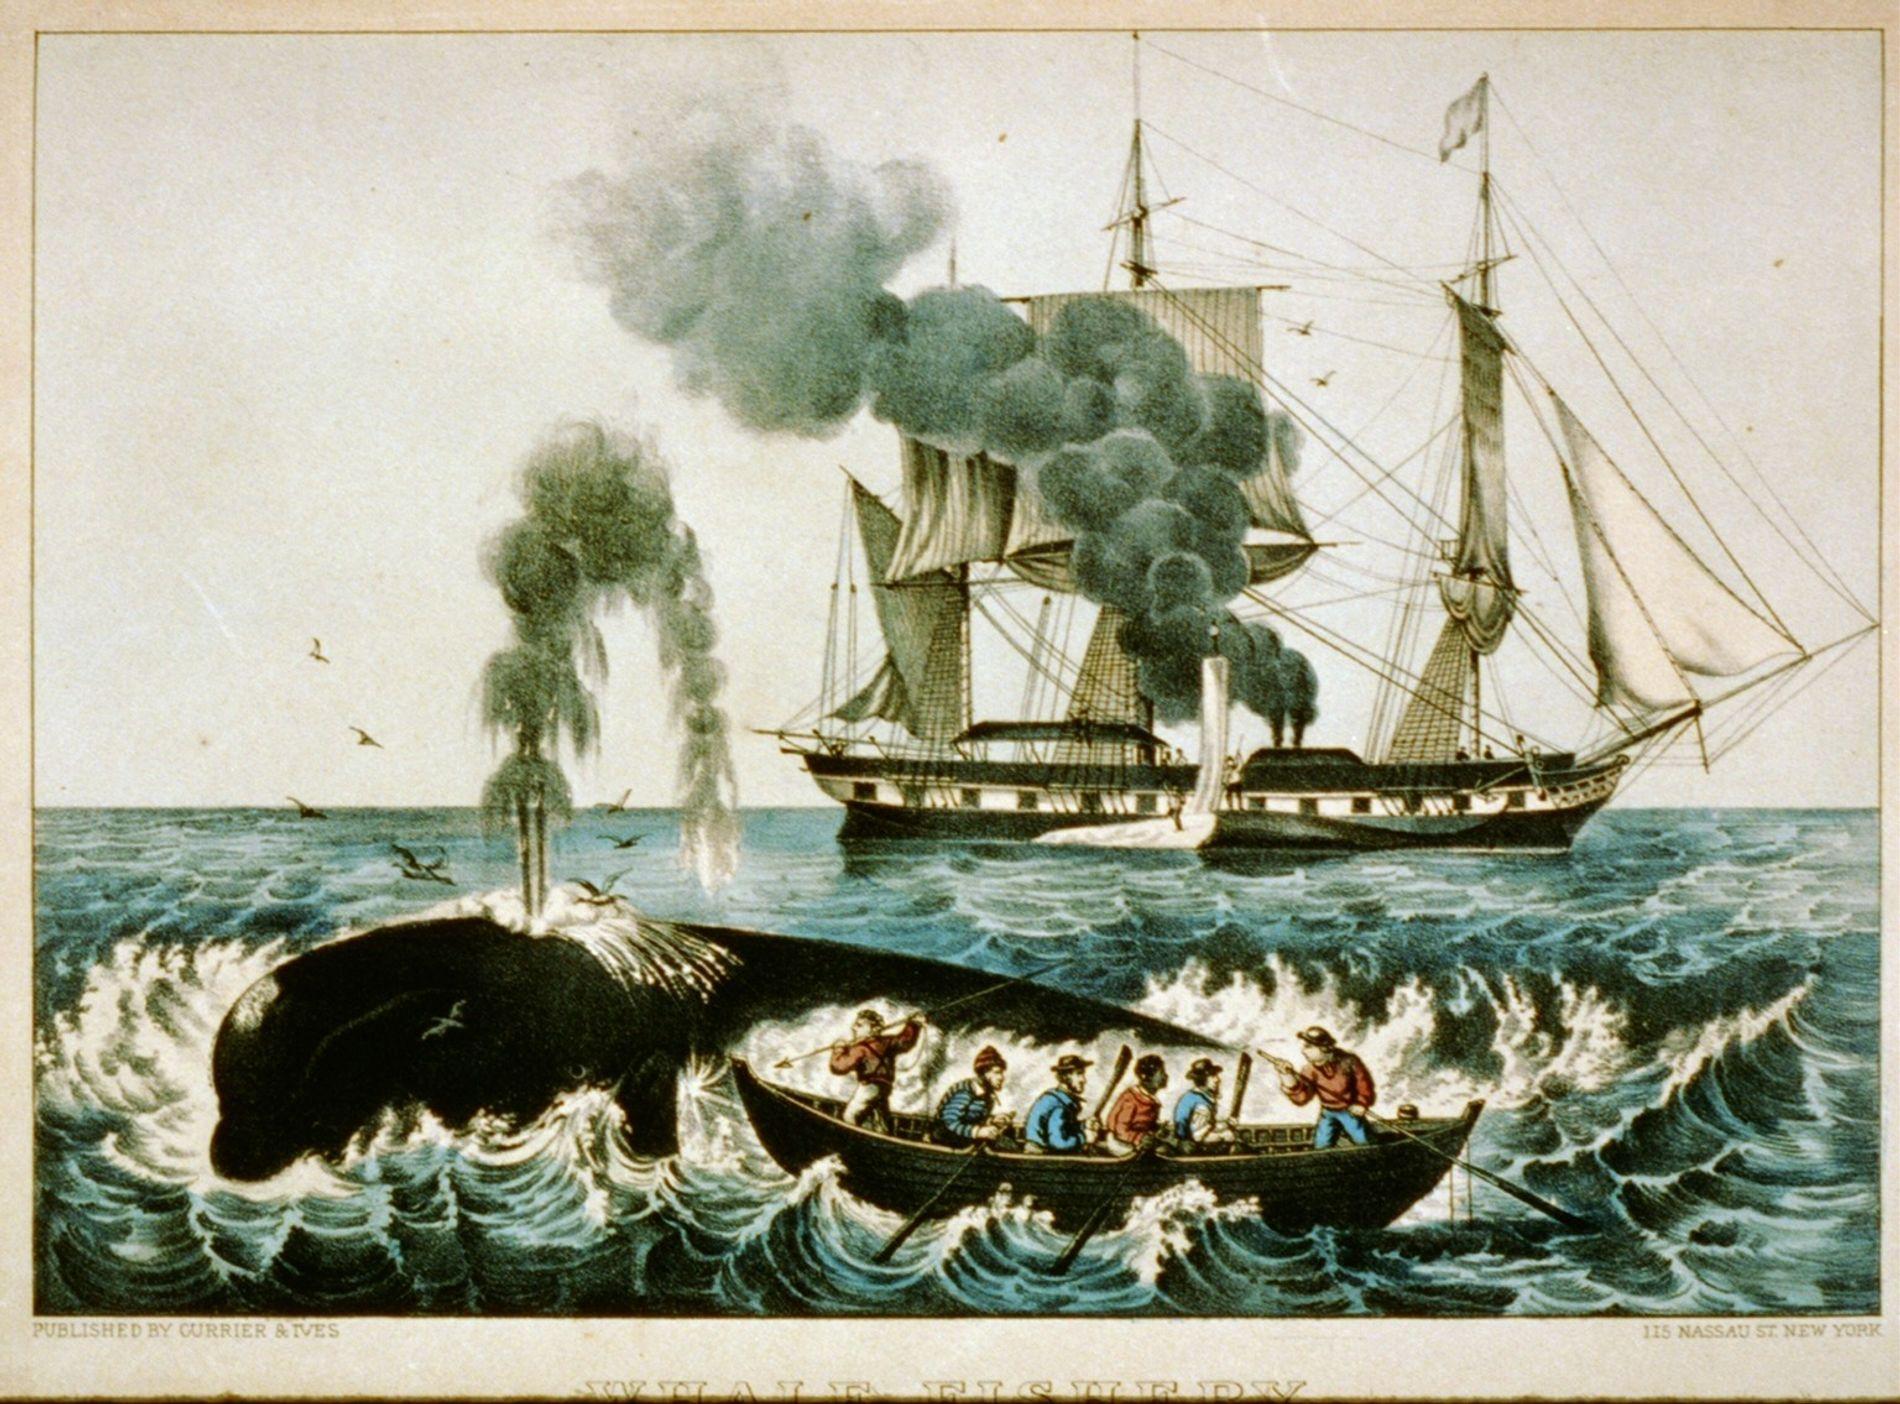 Un baleinier de la Nouvelle-Angleterre peint entre 1856 et 1907.